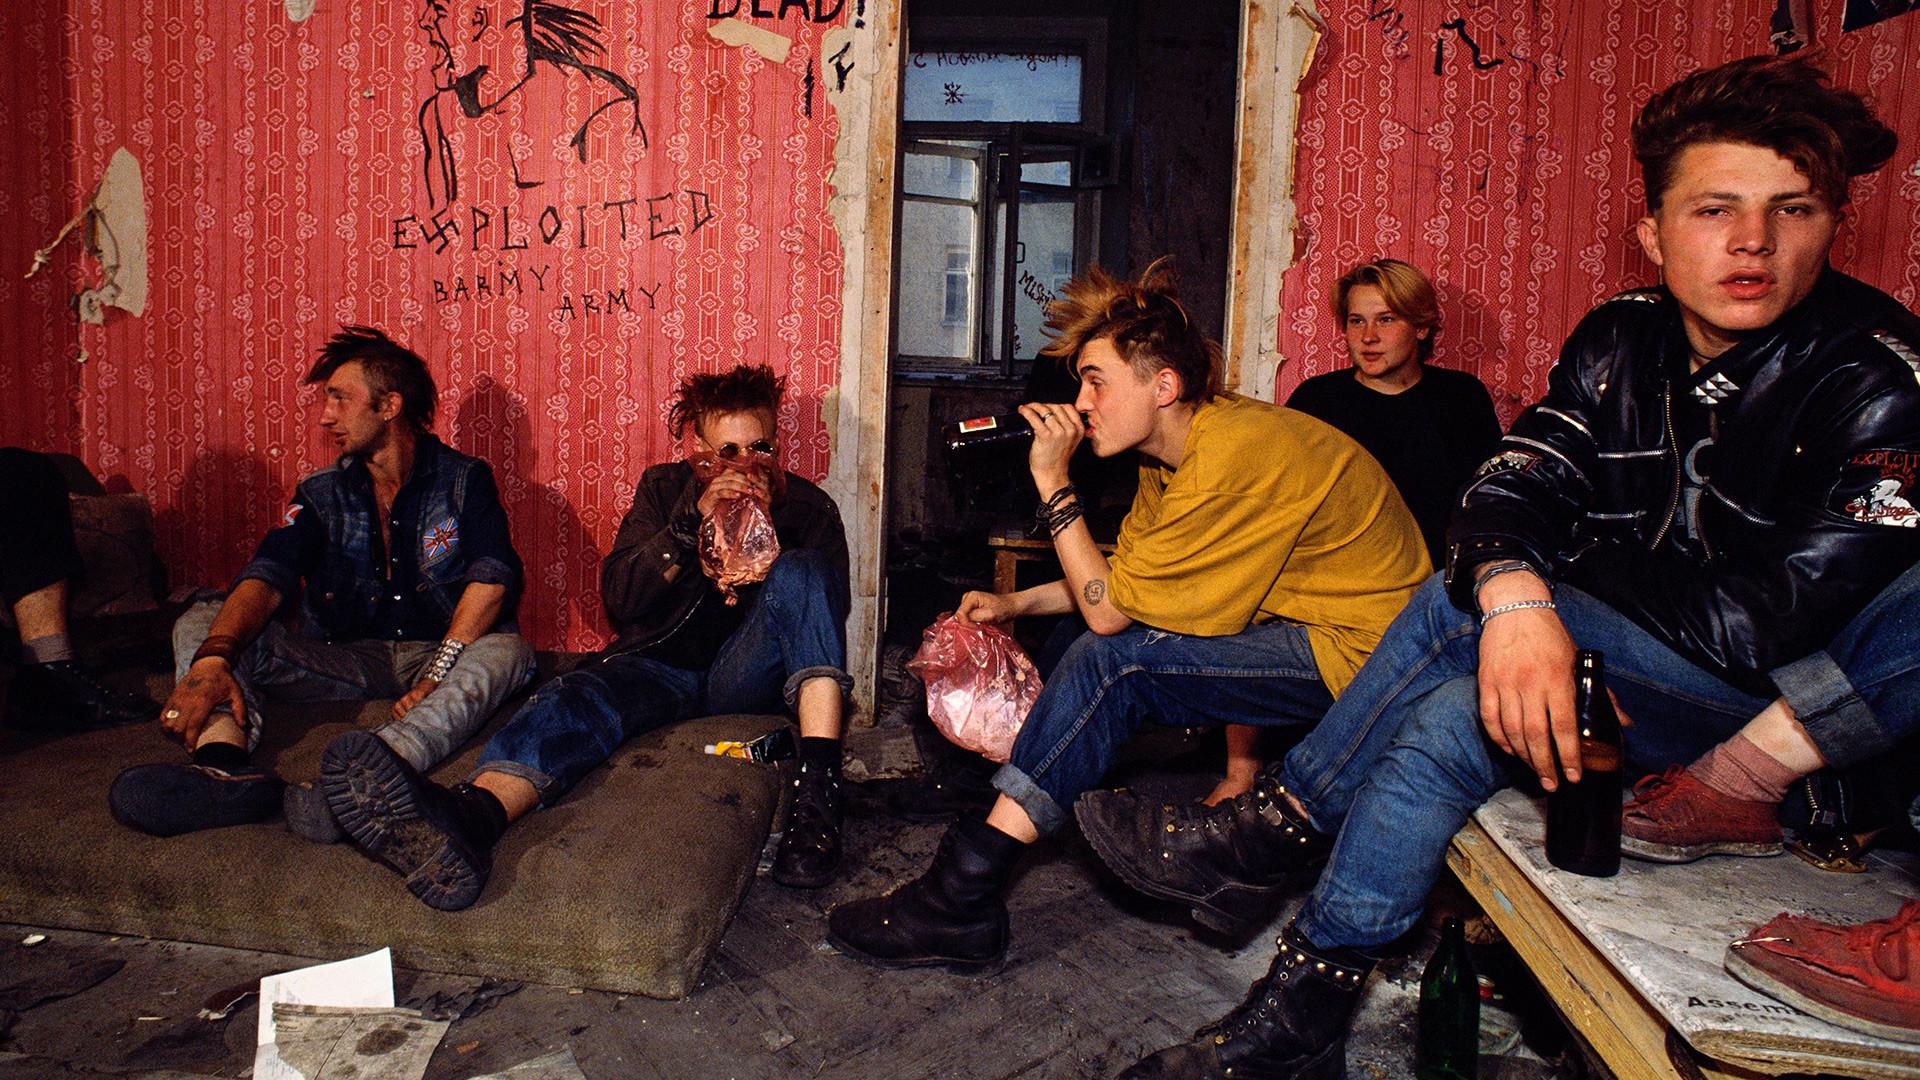 Des punks russes vivant dans un bâtiment abandonné près de la place Pouchkine, où ils survivent grâce aux poubelles de Pizza Hut et de McDonald's, ainsi qu'en mendiant.